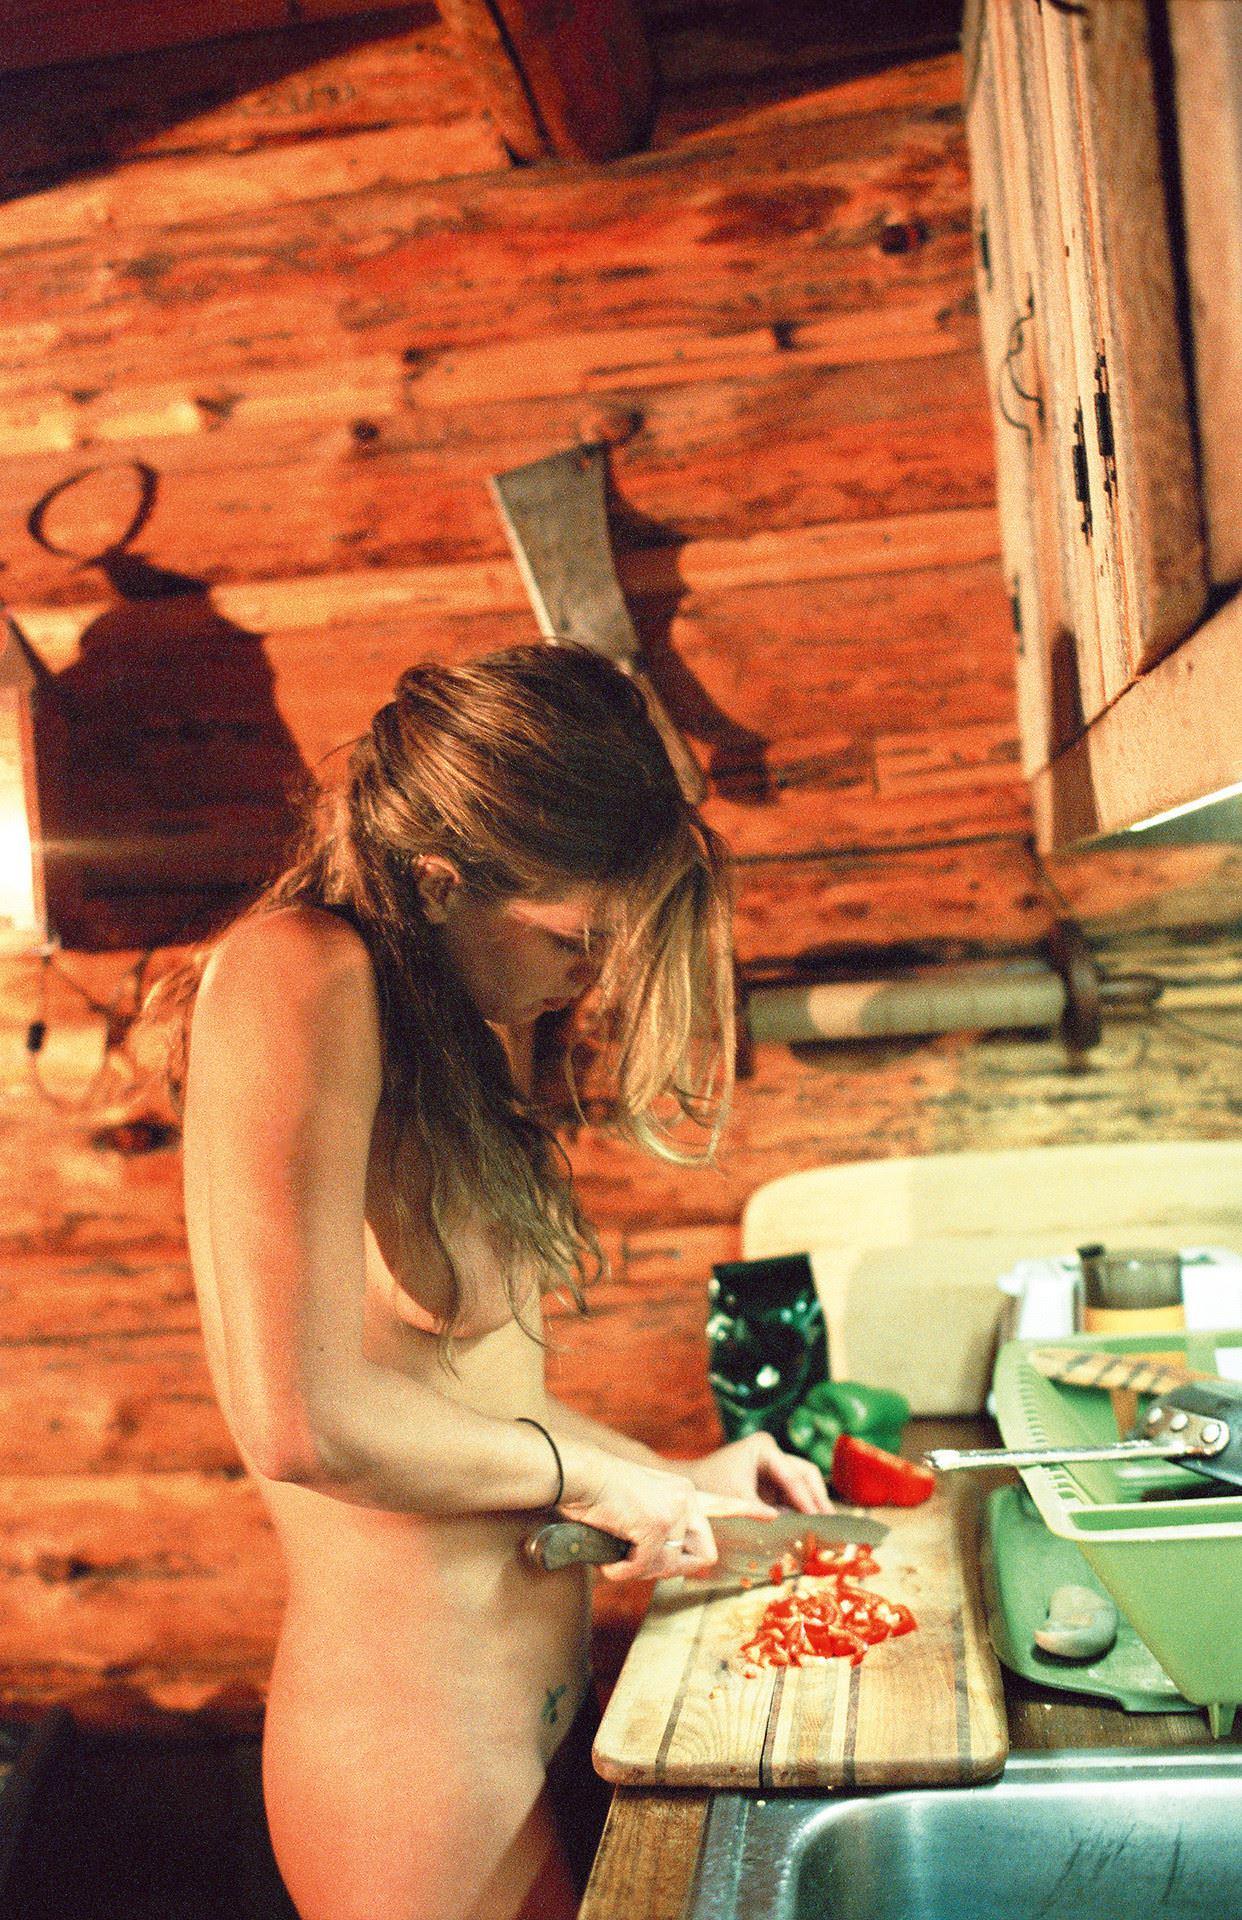 【外人】全裸でキッチンに立つ新婚人妻のエッチな日常風景ポルノ画像 3551